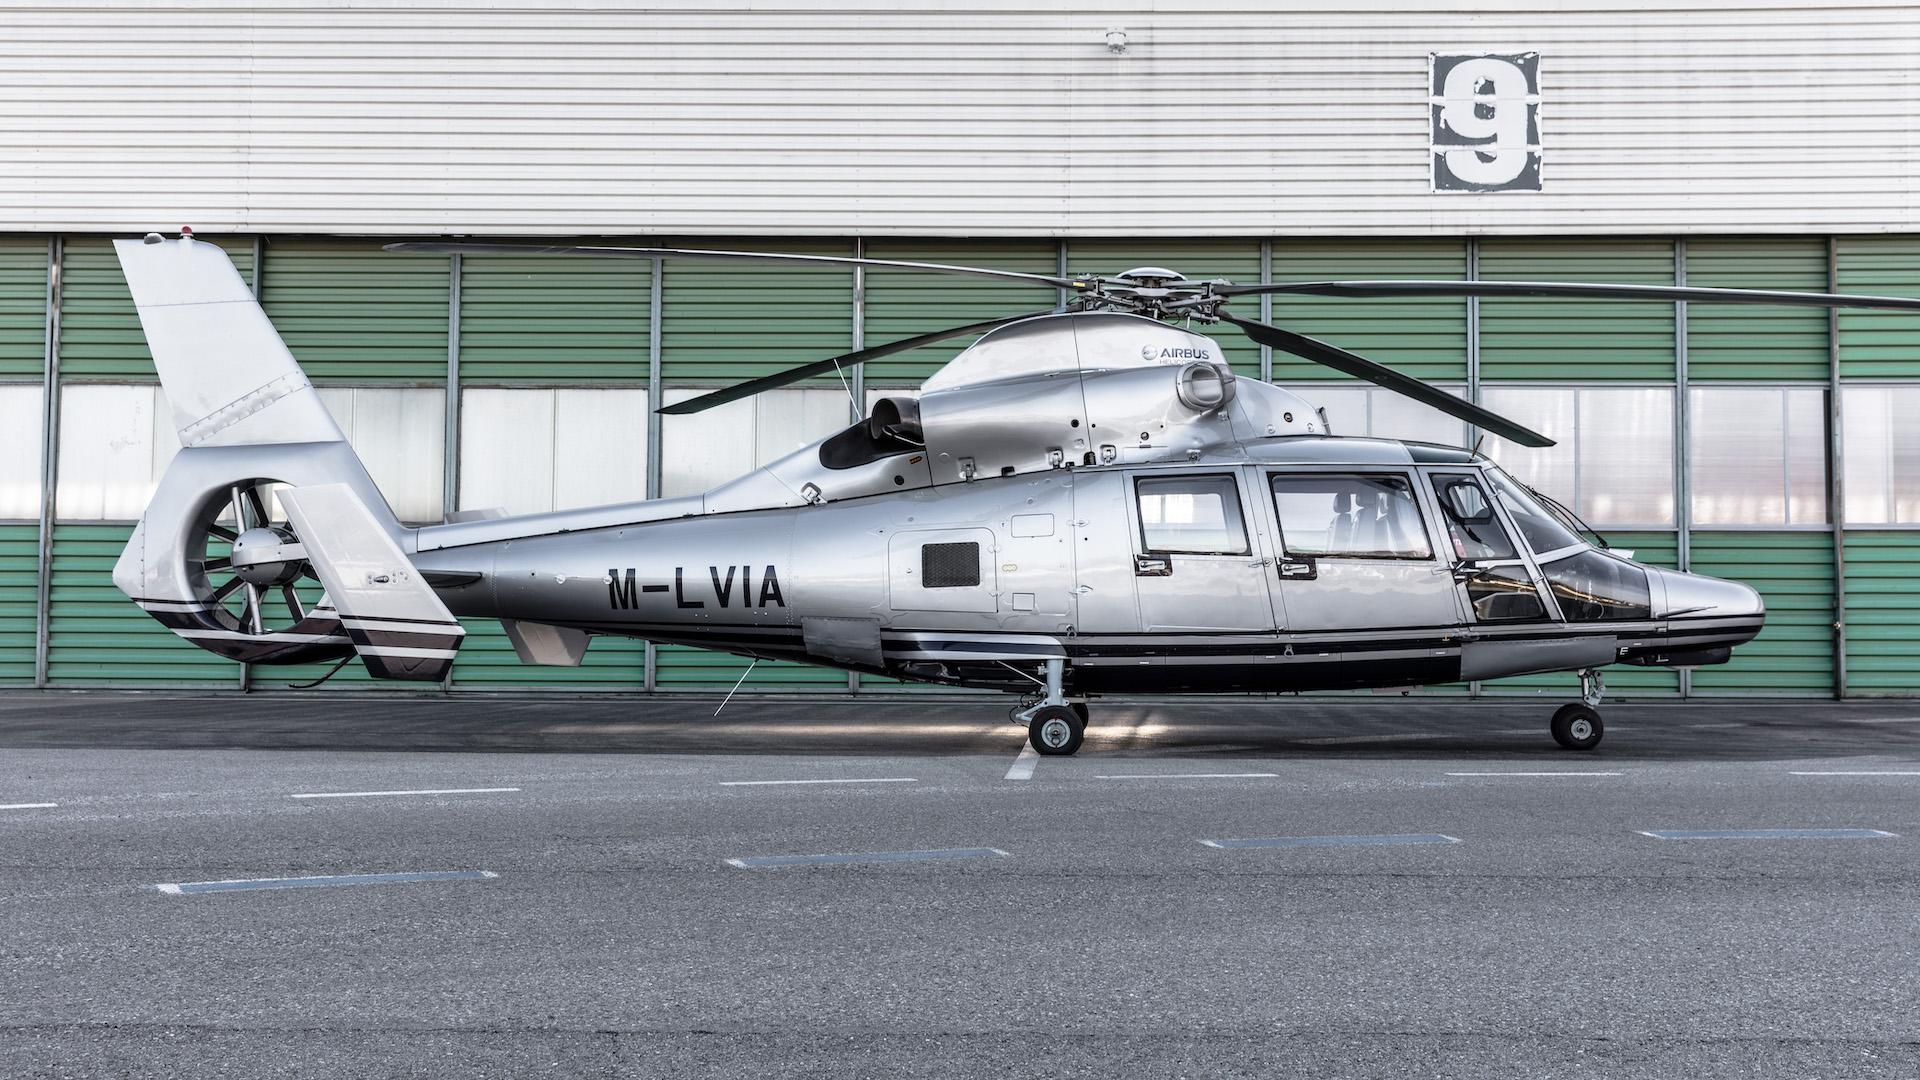 M-LVIA 2019 Exterior Static Hangar 5 copy